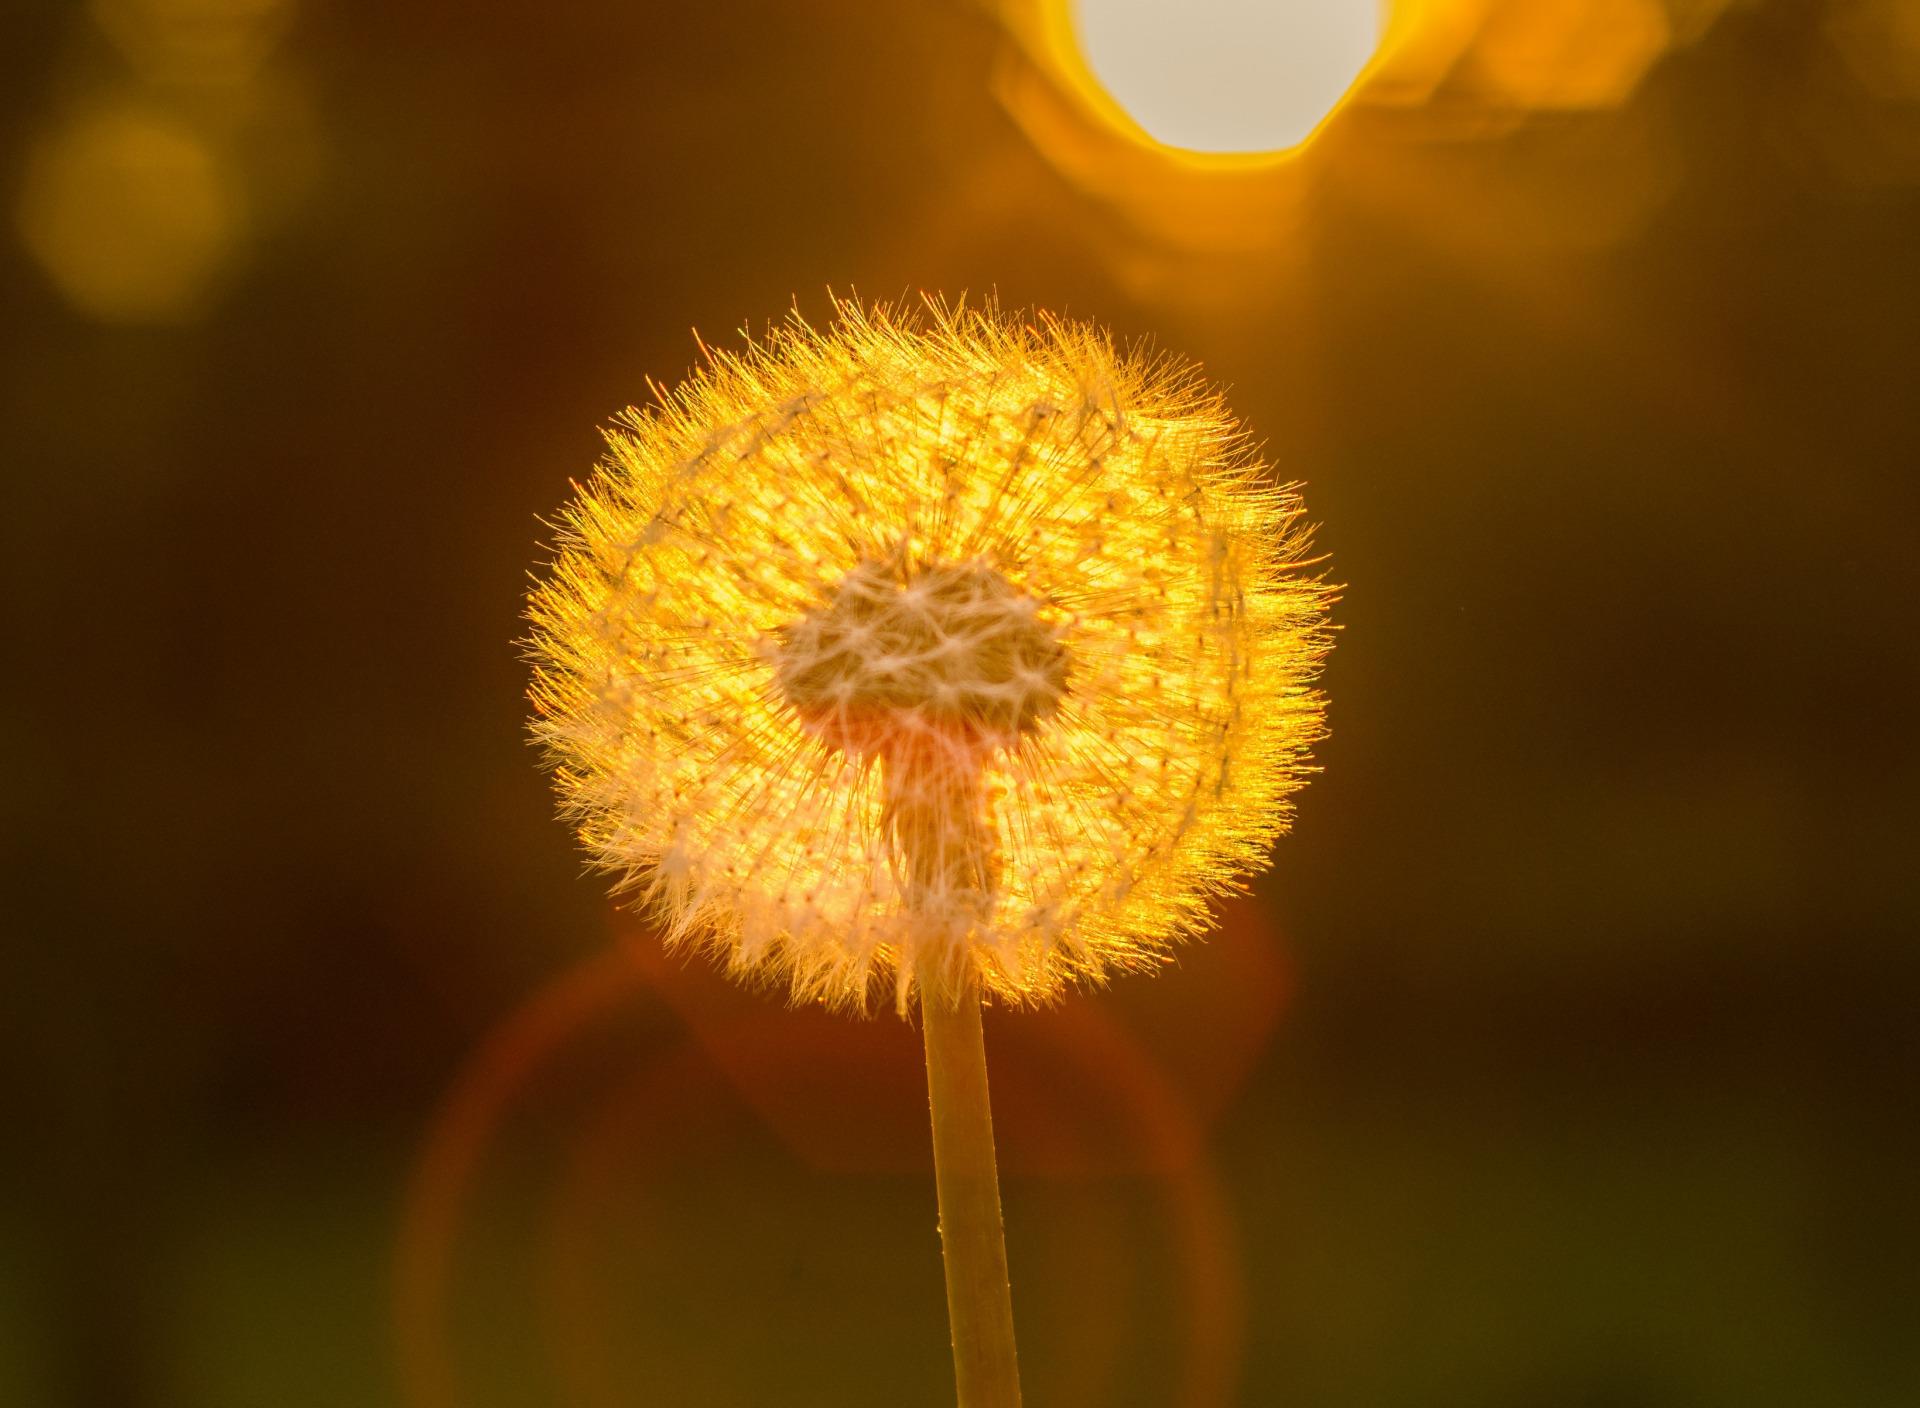 фото солнца через одуванчик